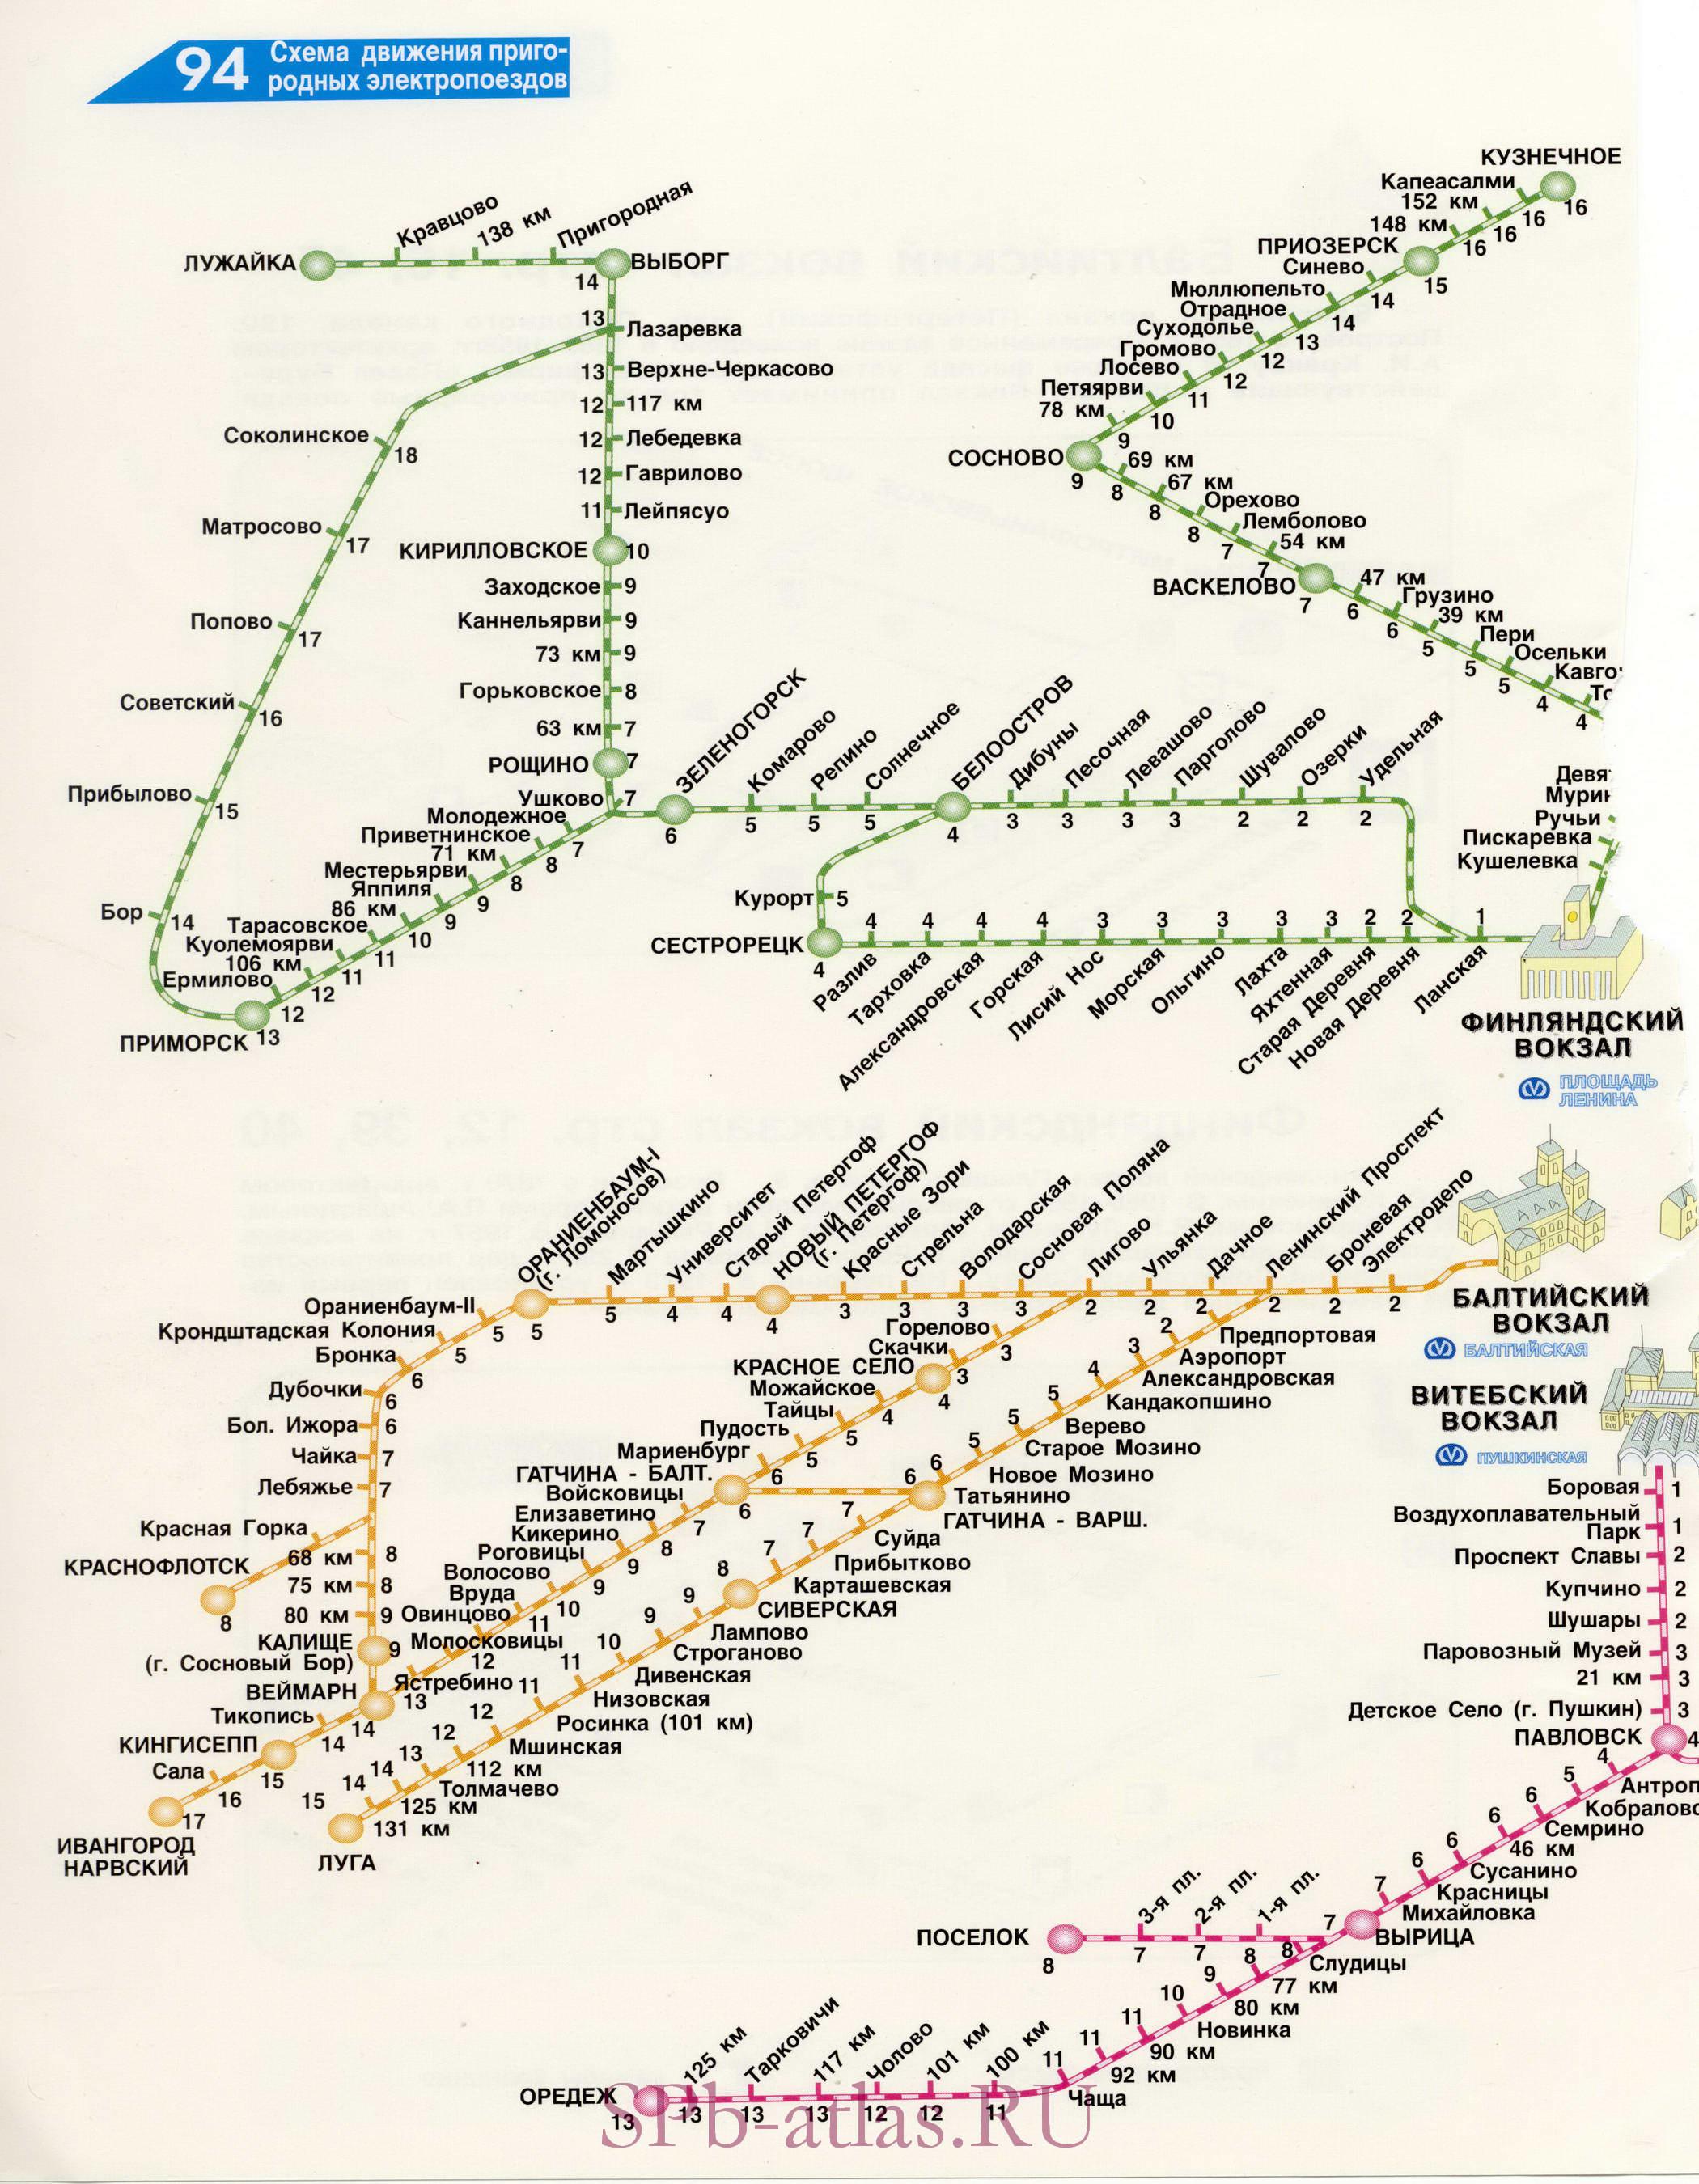 Новая подробная карта схема пригородных электропоездов Санкт-Петербурга.